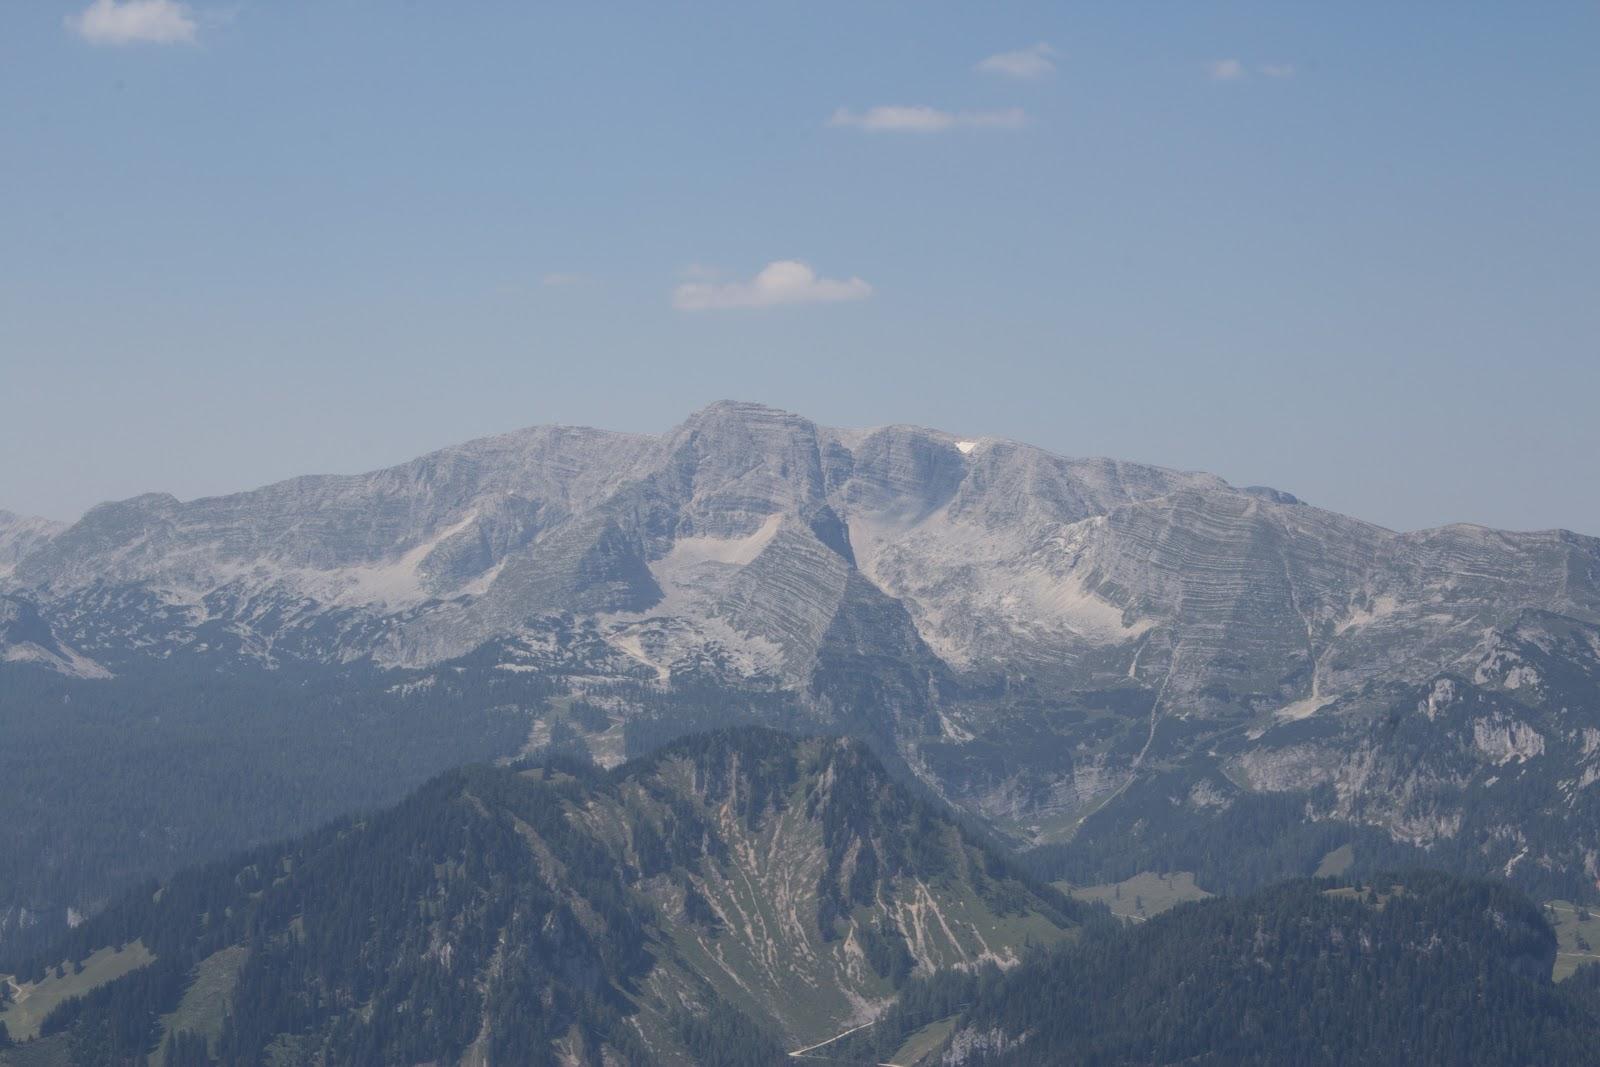 Von der Ardningeralmhütte über den Wildfrauensteig auf Frauenmauer, Bosruck und Kitzstein. - Blick auf das Tote Gebirge